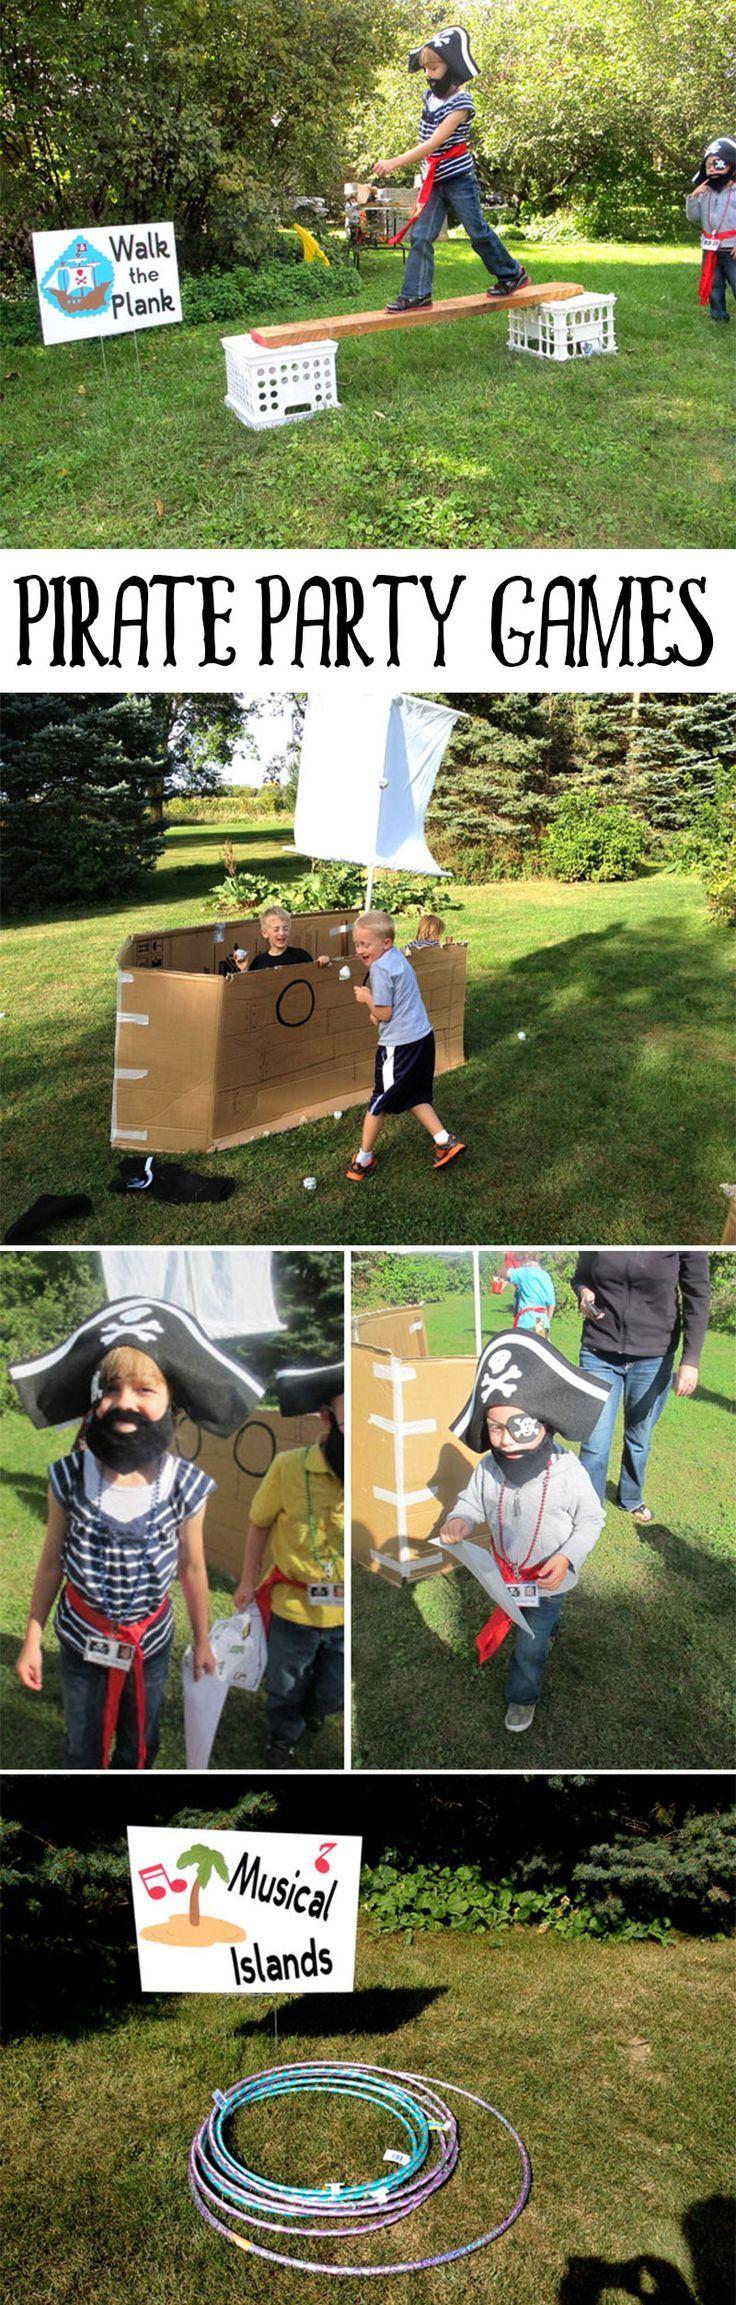 die besten 25 piratenspiele ideen auf pinterest piraten aktivit ten piratenspiele f r kinder. Black Bedroom Furniture Sets. Home Design Ideas